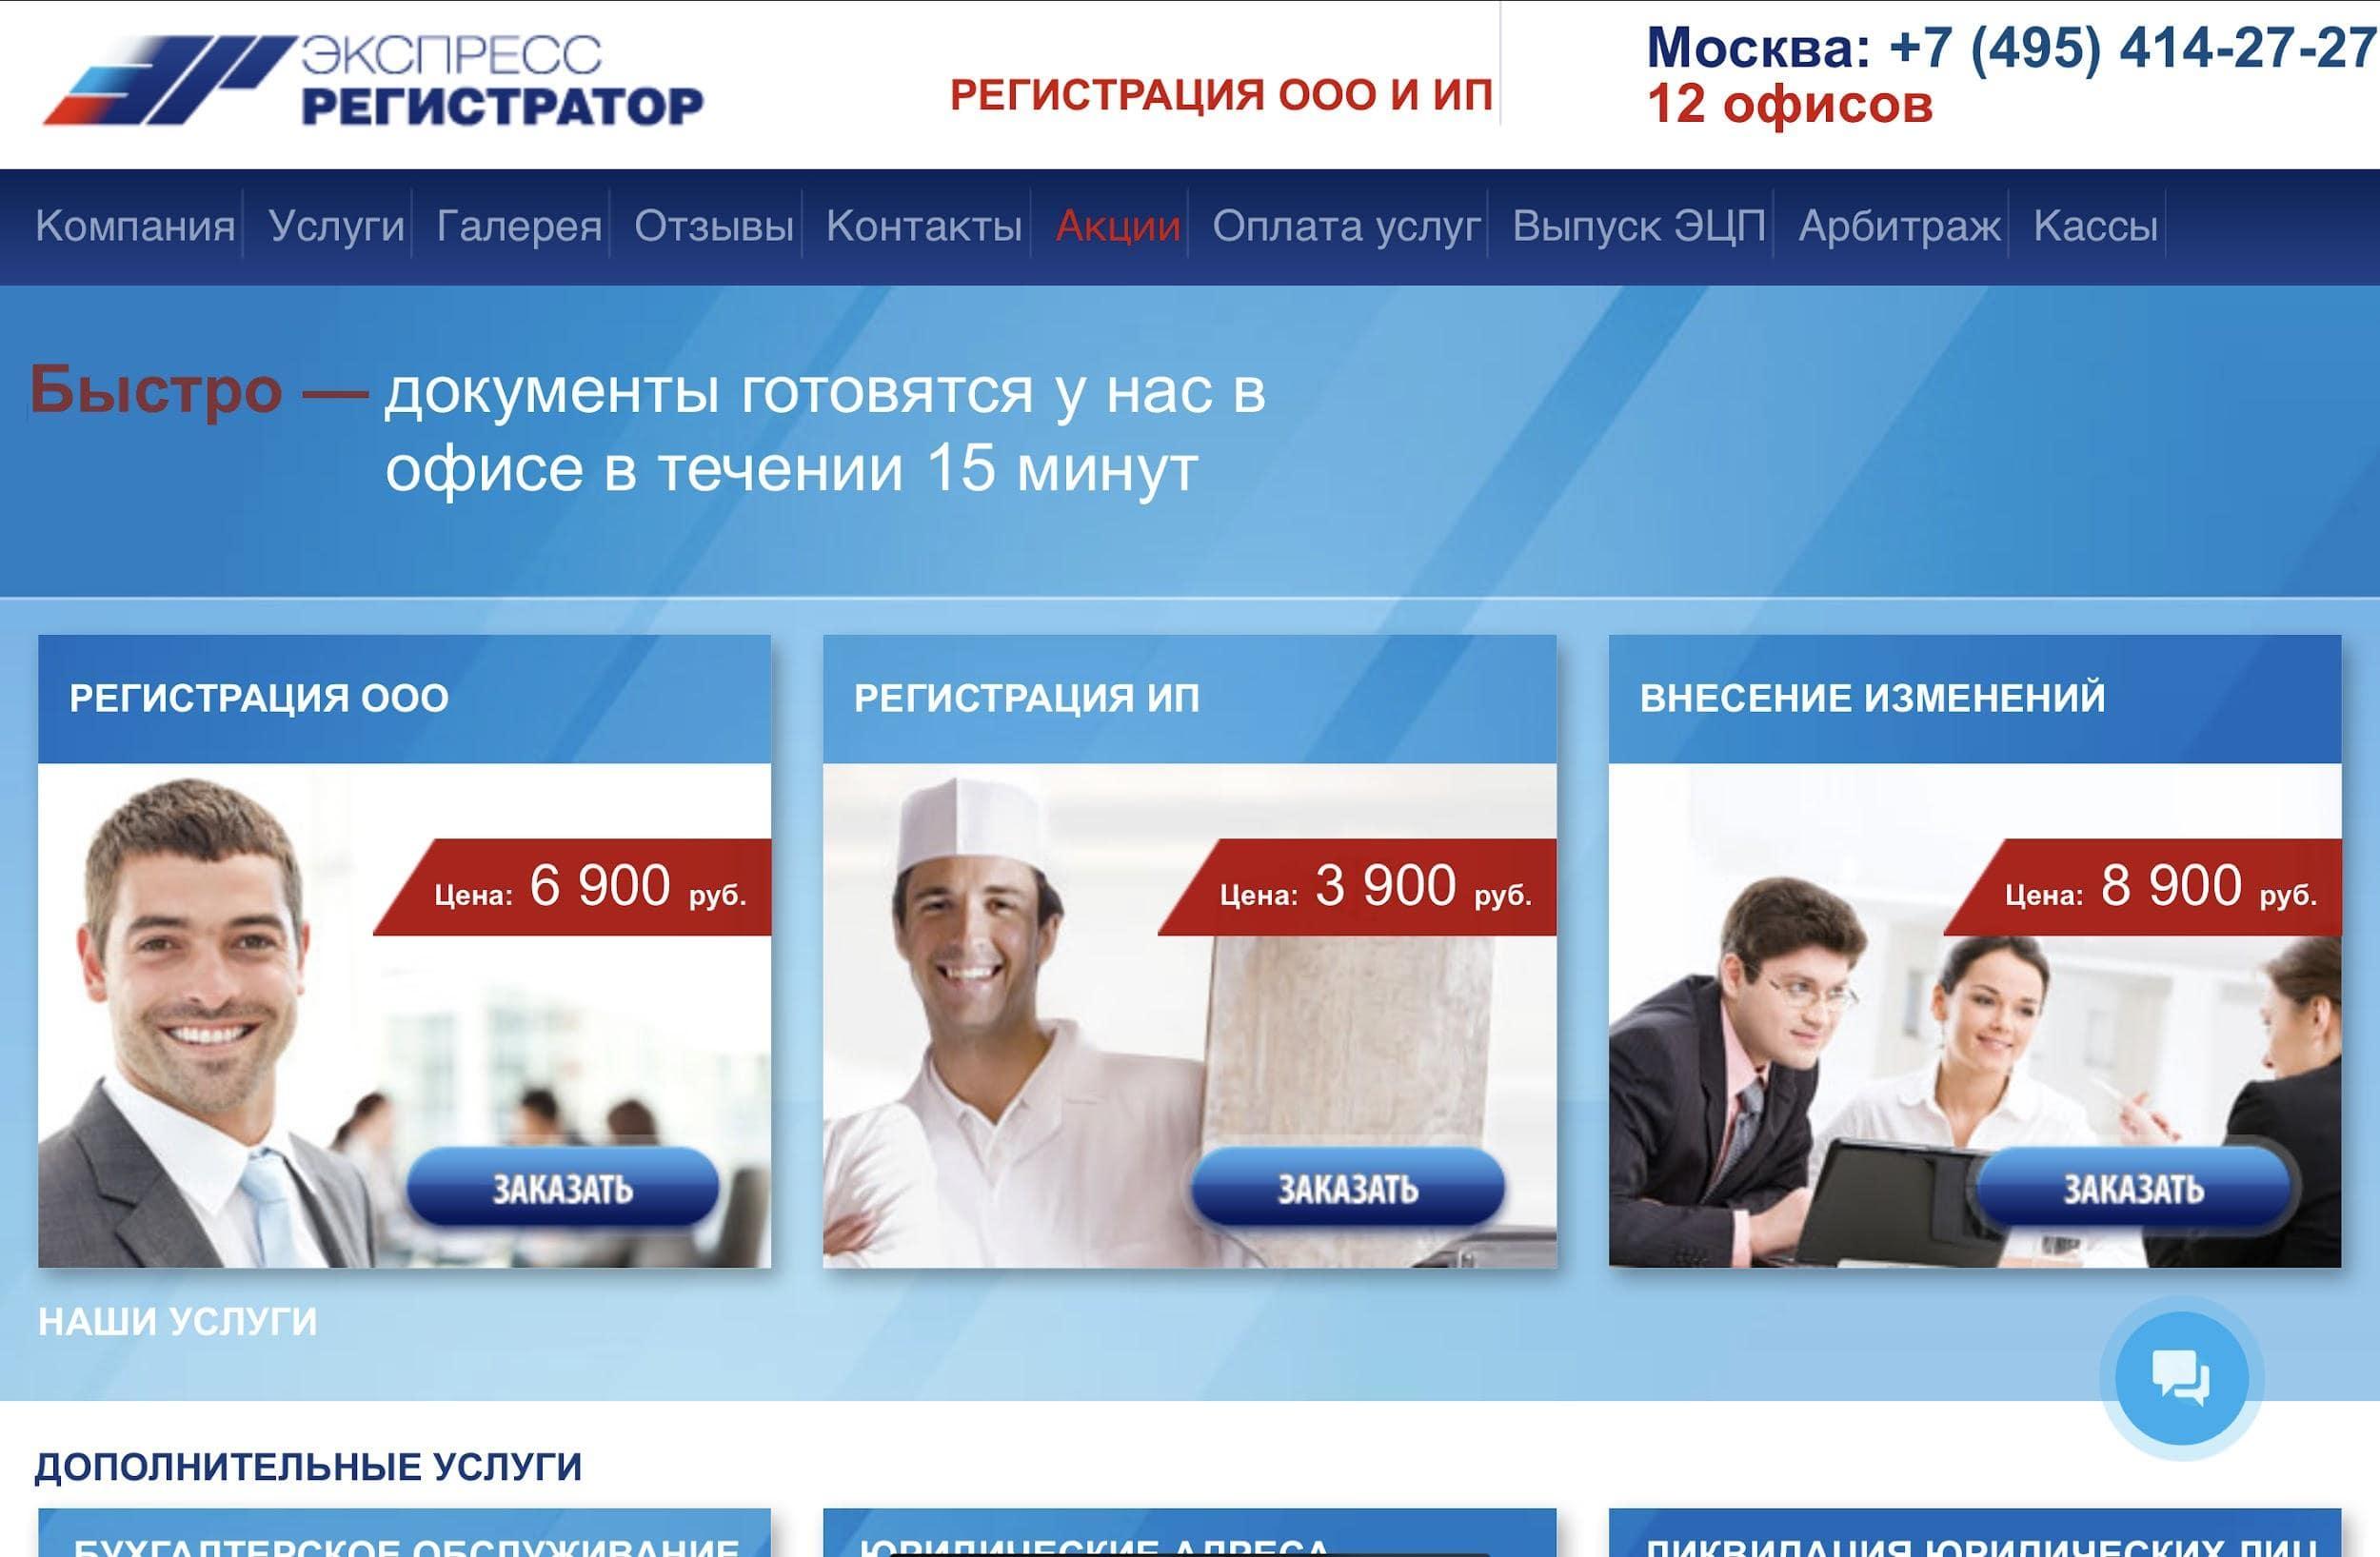 Сайт компании «Экспресс Регистратор»